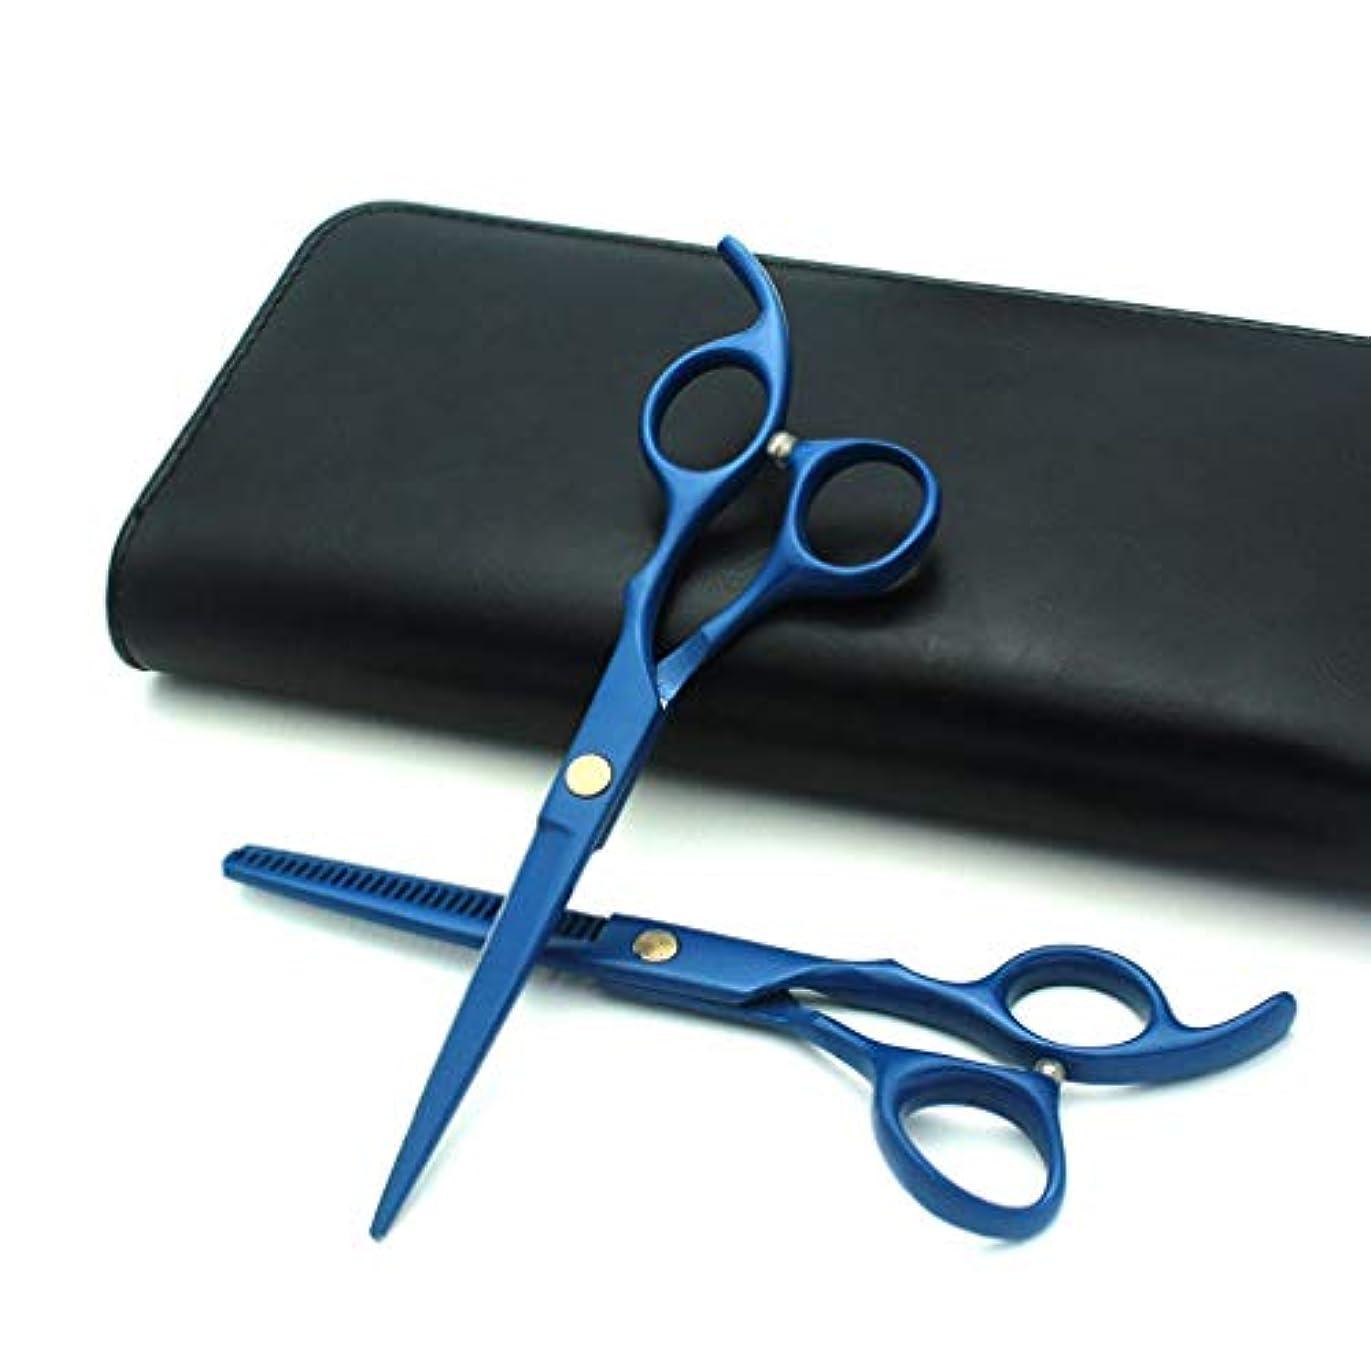 ハード痴漢簡単にヘアカットはさみ、プロの理髪はさみ ステンレス鋼のかみそりの刃、6インチの理髪はさみ,Blue